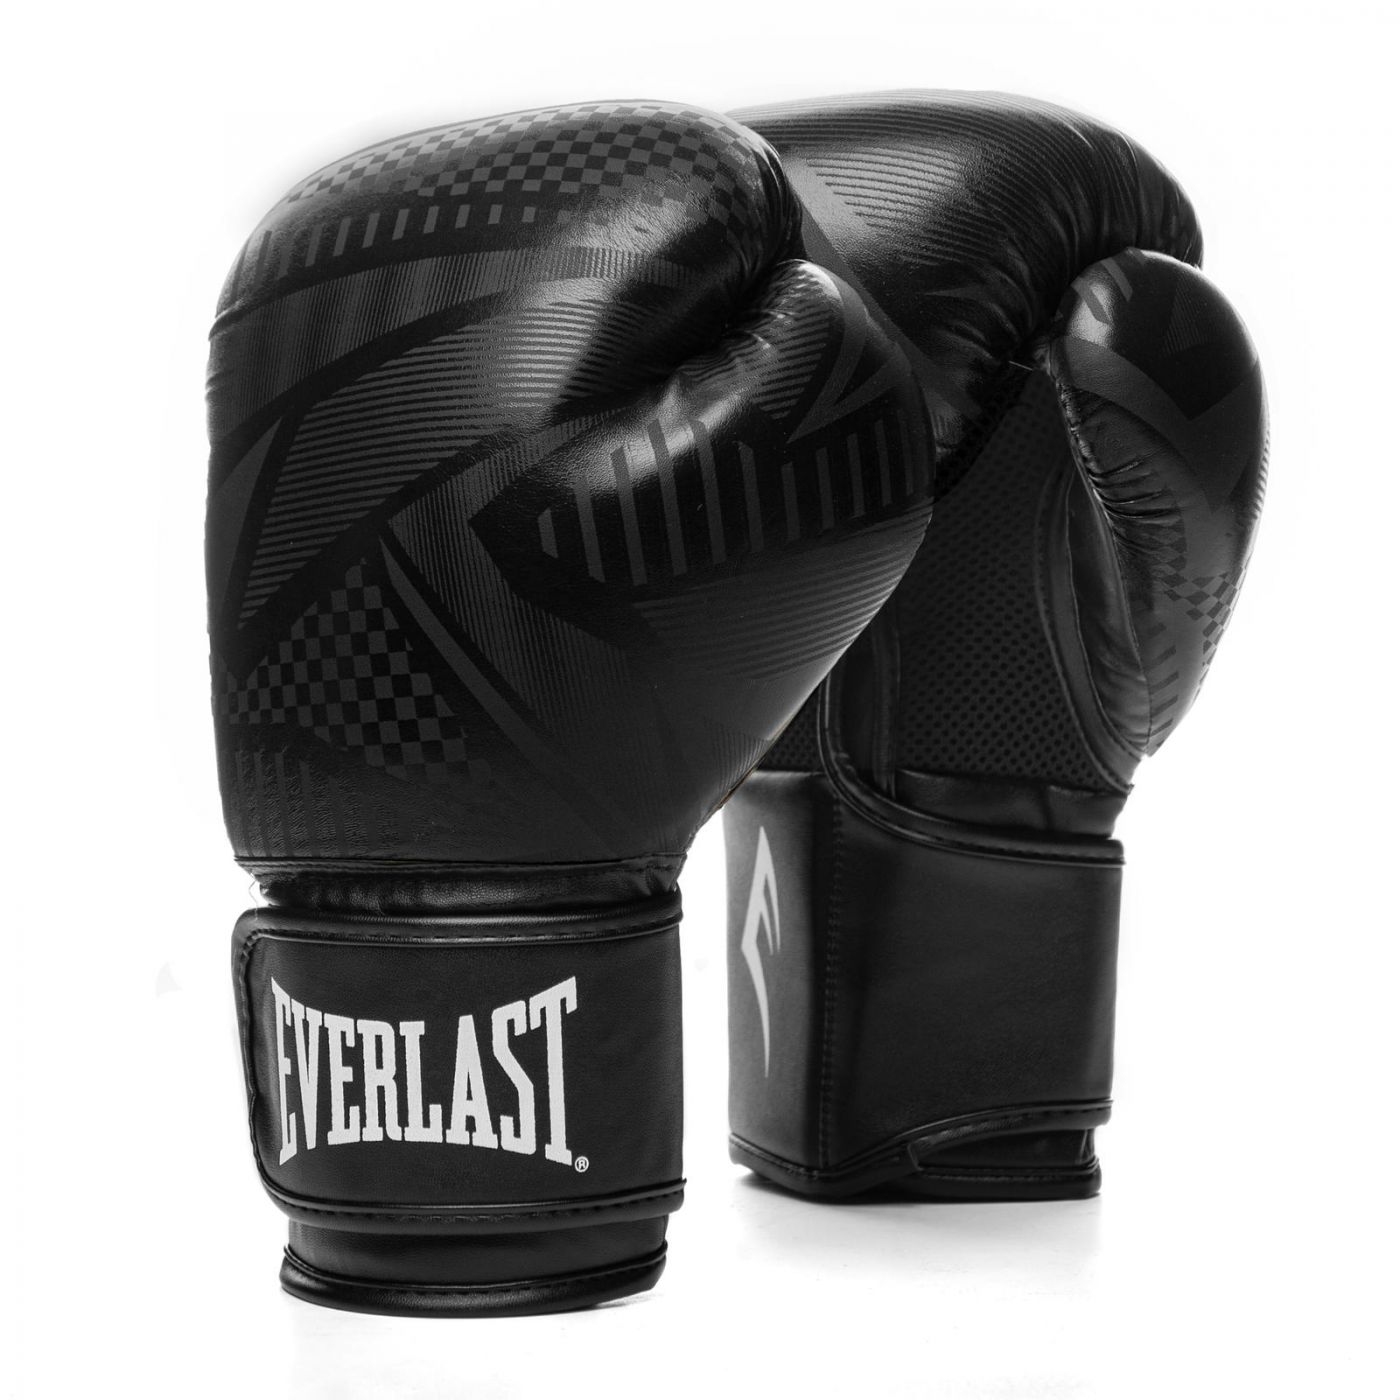 Перчатки тренировочные Everlast  Spark 16oz черн/гео, артикул P00002408